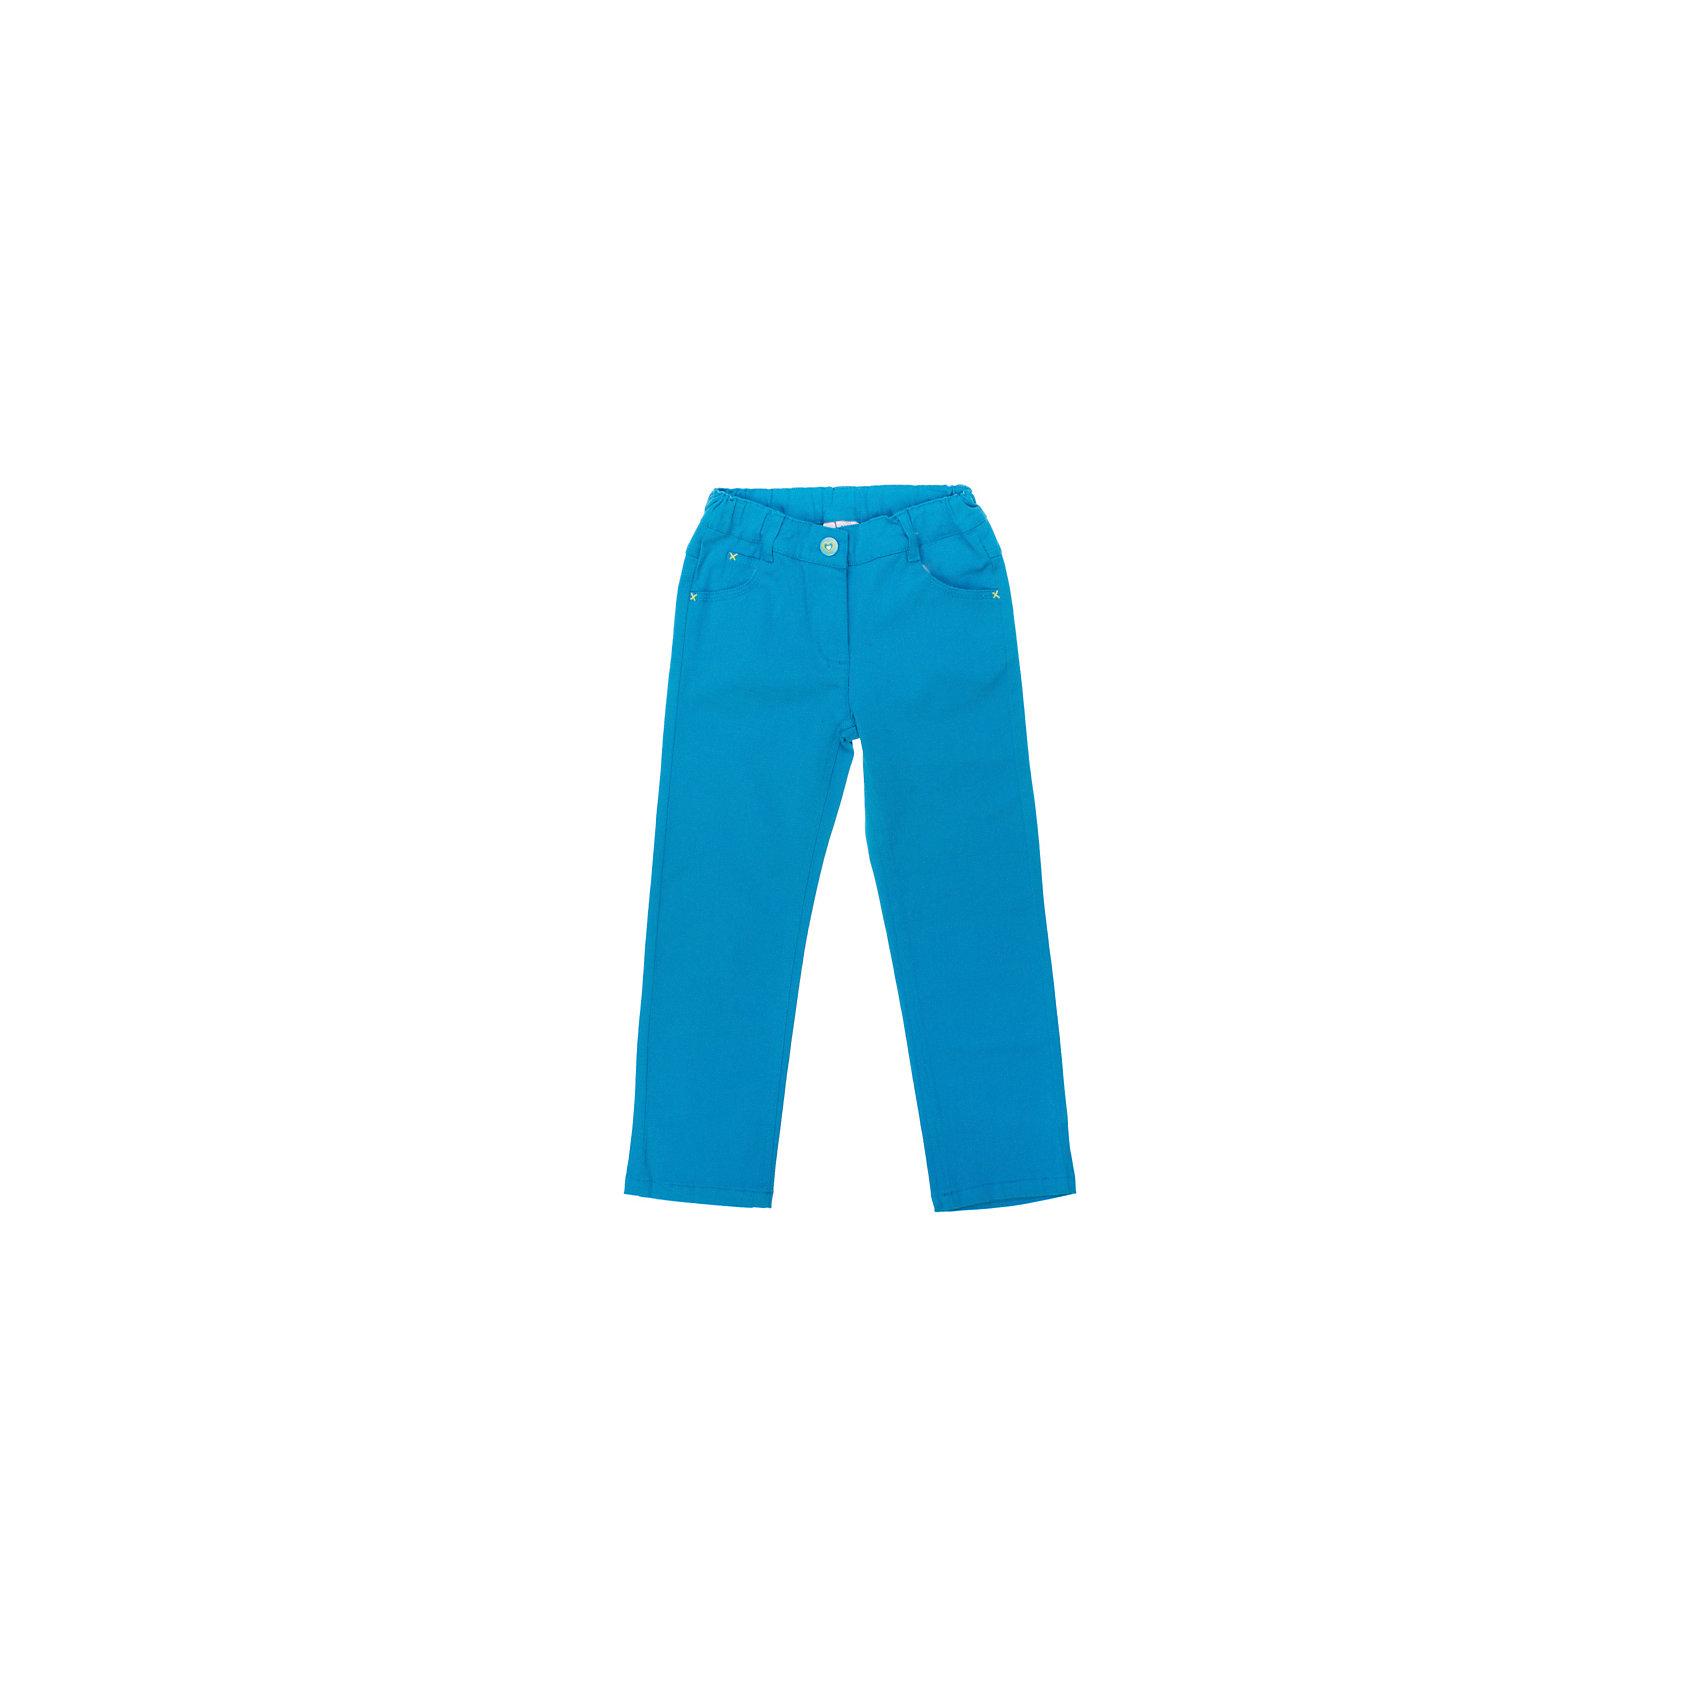 Брюки для девочки PlayTodayБрюки<br>Брюки для девочки от известного бренда PlayToday<br>Яркие бирюзовые брюки отлично сочетаются с темными футболками и кардиганами. Застегивается на молнию и кнопку с сердечком. Пояс на резинке, есть 4 кармашка и шлевки для ремня. Сзади на поясе нашивка с сердечками из пайеток.<br>Состав:<br>98% хлопок, 2% эластан<br><br>Ширина мм: 215<br>Глубина мм: 88<br>Высота мм: 191<br>Вес г: 336<br>Цвет: разноцветный<br>Возраст от месяцев: 24<br>Возраст до месяцев: 36<br>Пол: Женский<br>Возраст: Детский<br>Размер: 98,128,104,110,116,122<br>SKU: 4789828